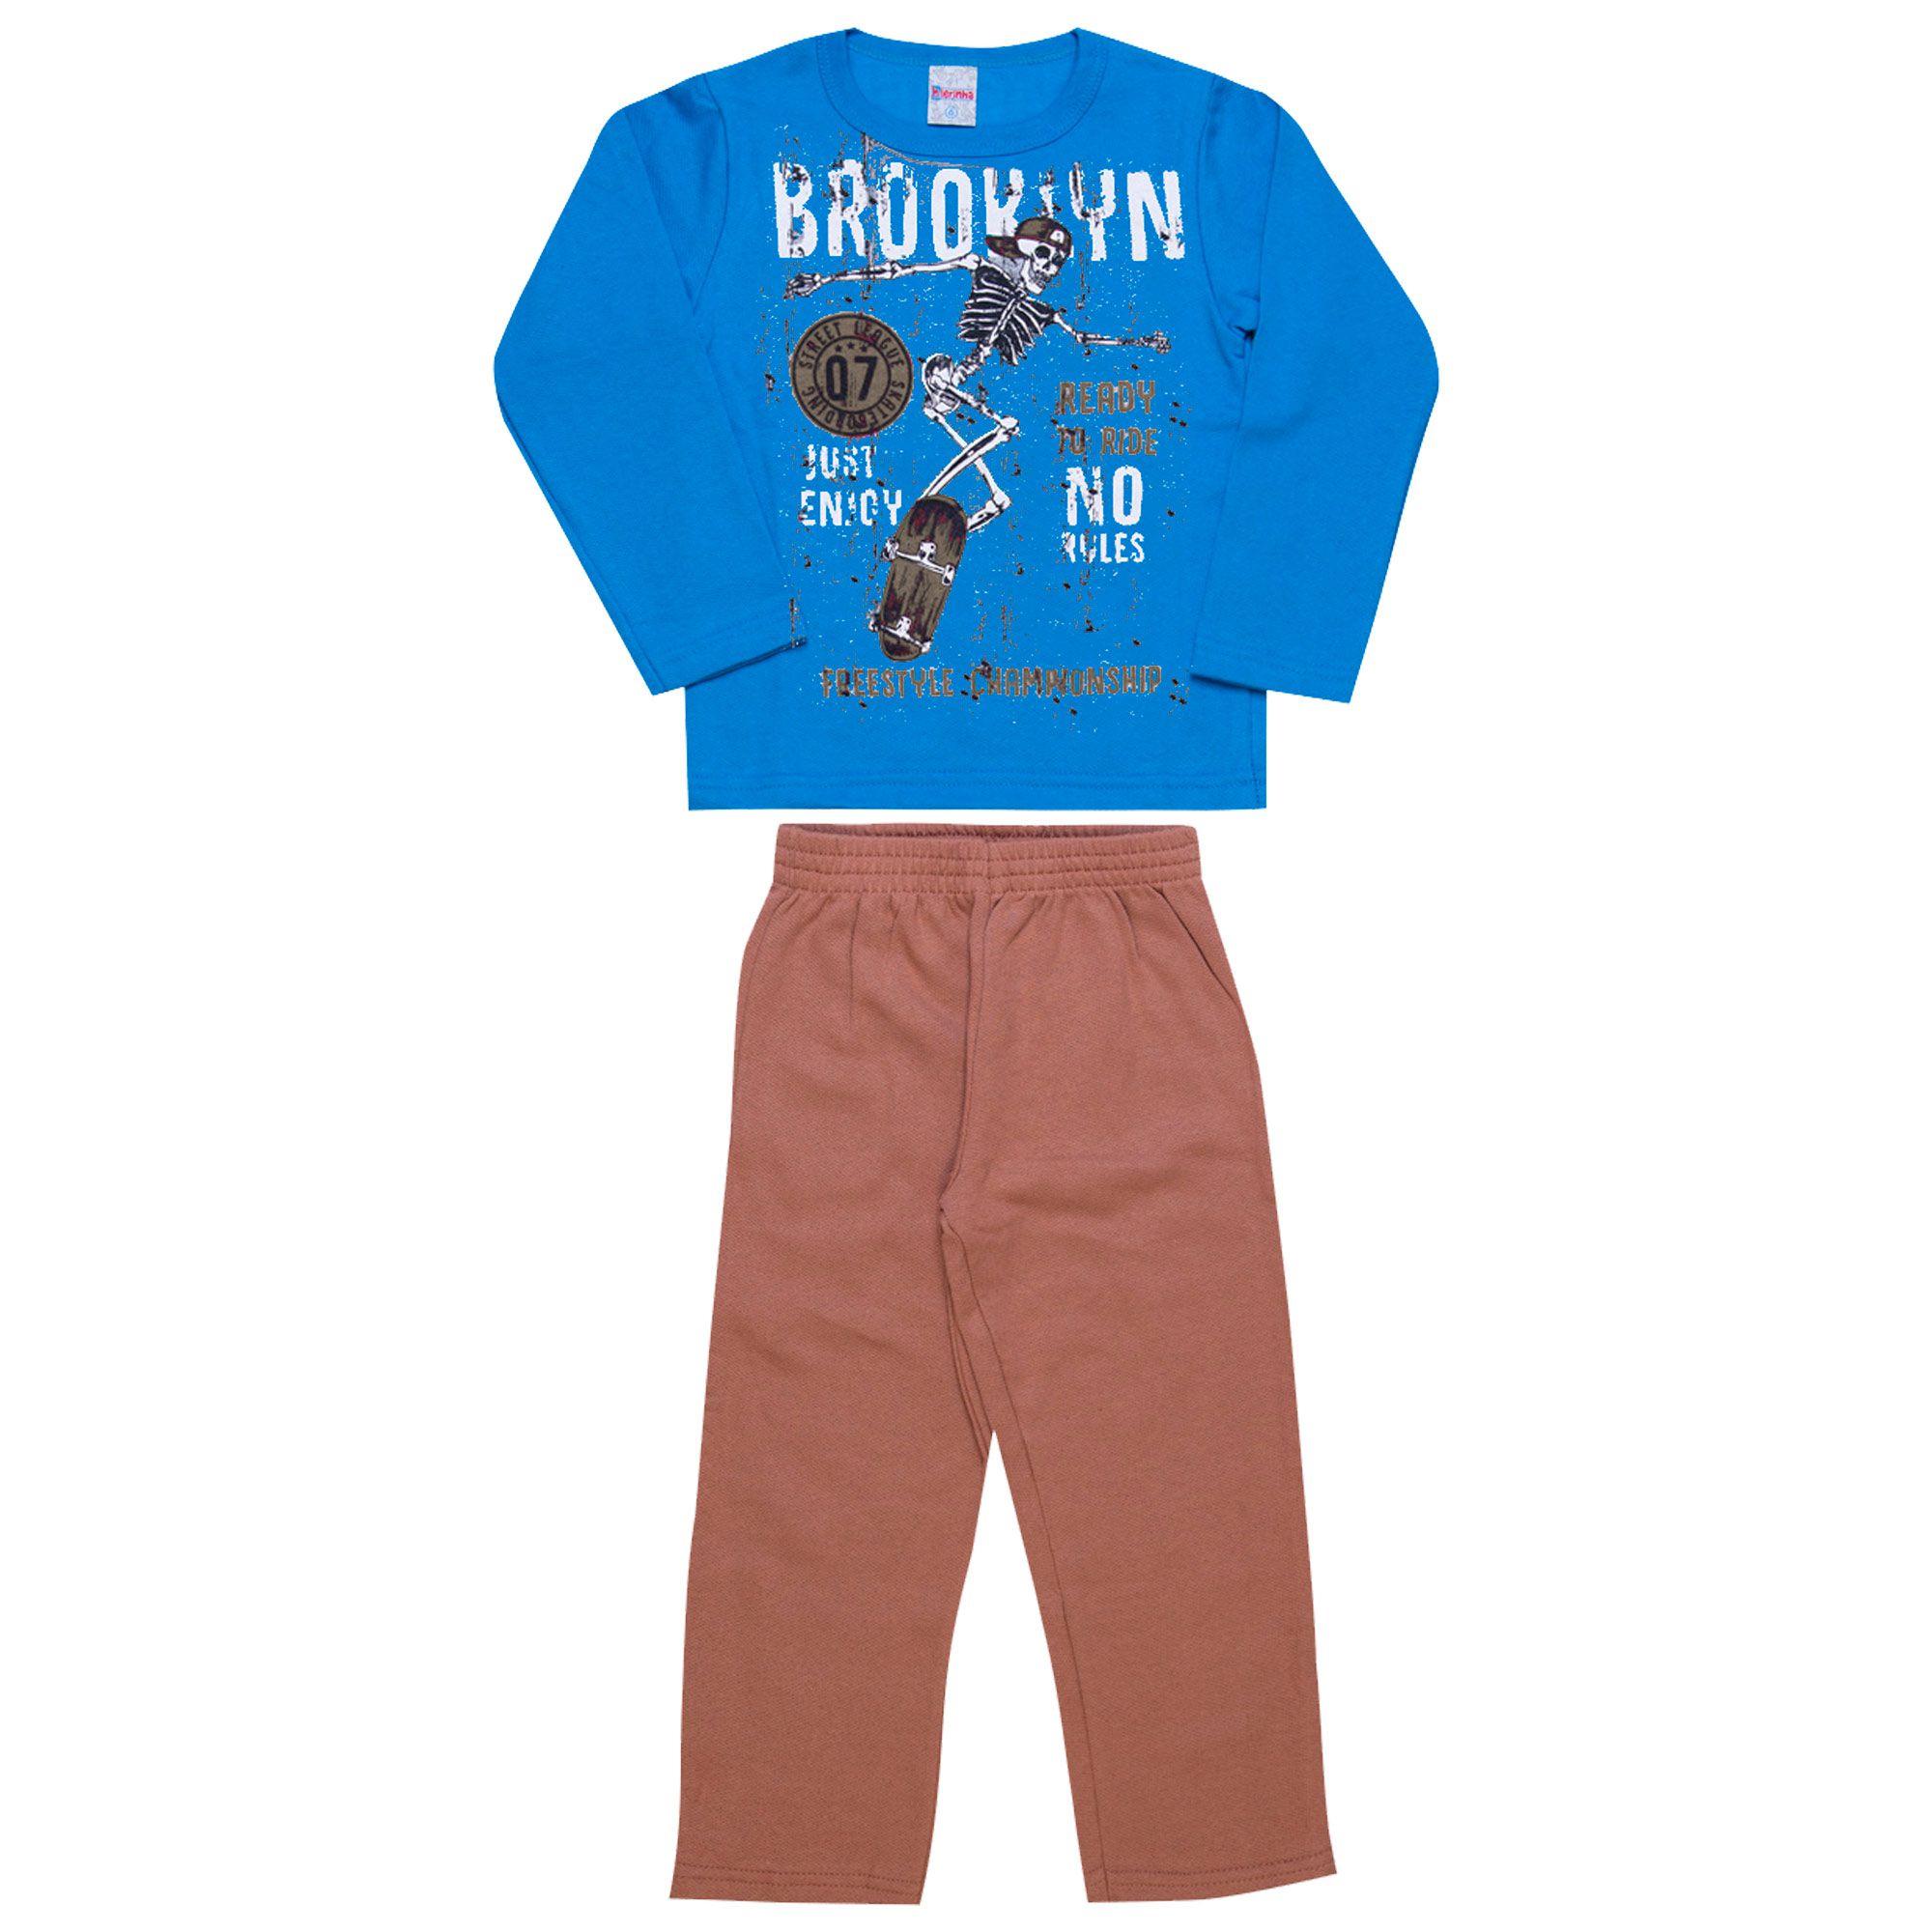 Conjunto Infantil Masculino  2 peças - Ref 1960 - Azul/Caqui